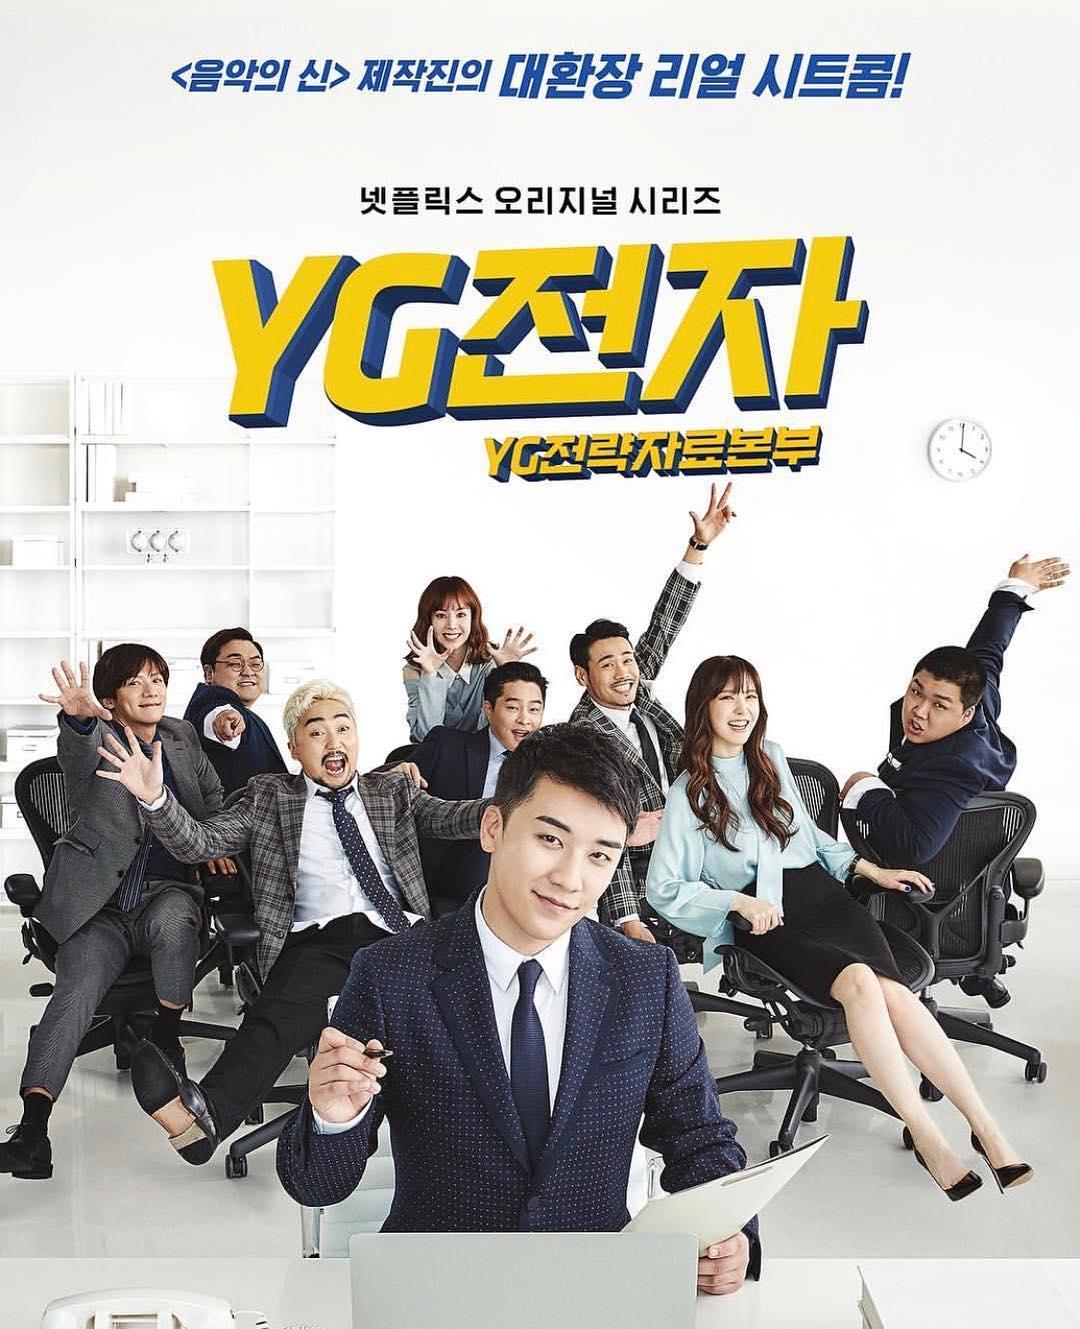 而最近勝利又要出演全新情境喜劇《YG戰略資料室》啦!除了CEO模式的勝利之外,也能看到YG娛樂內部平常生活情形(?),想必許多YG家的粉絲都很興奮吧!